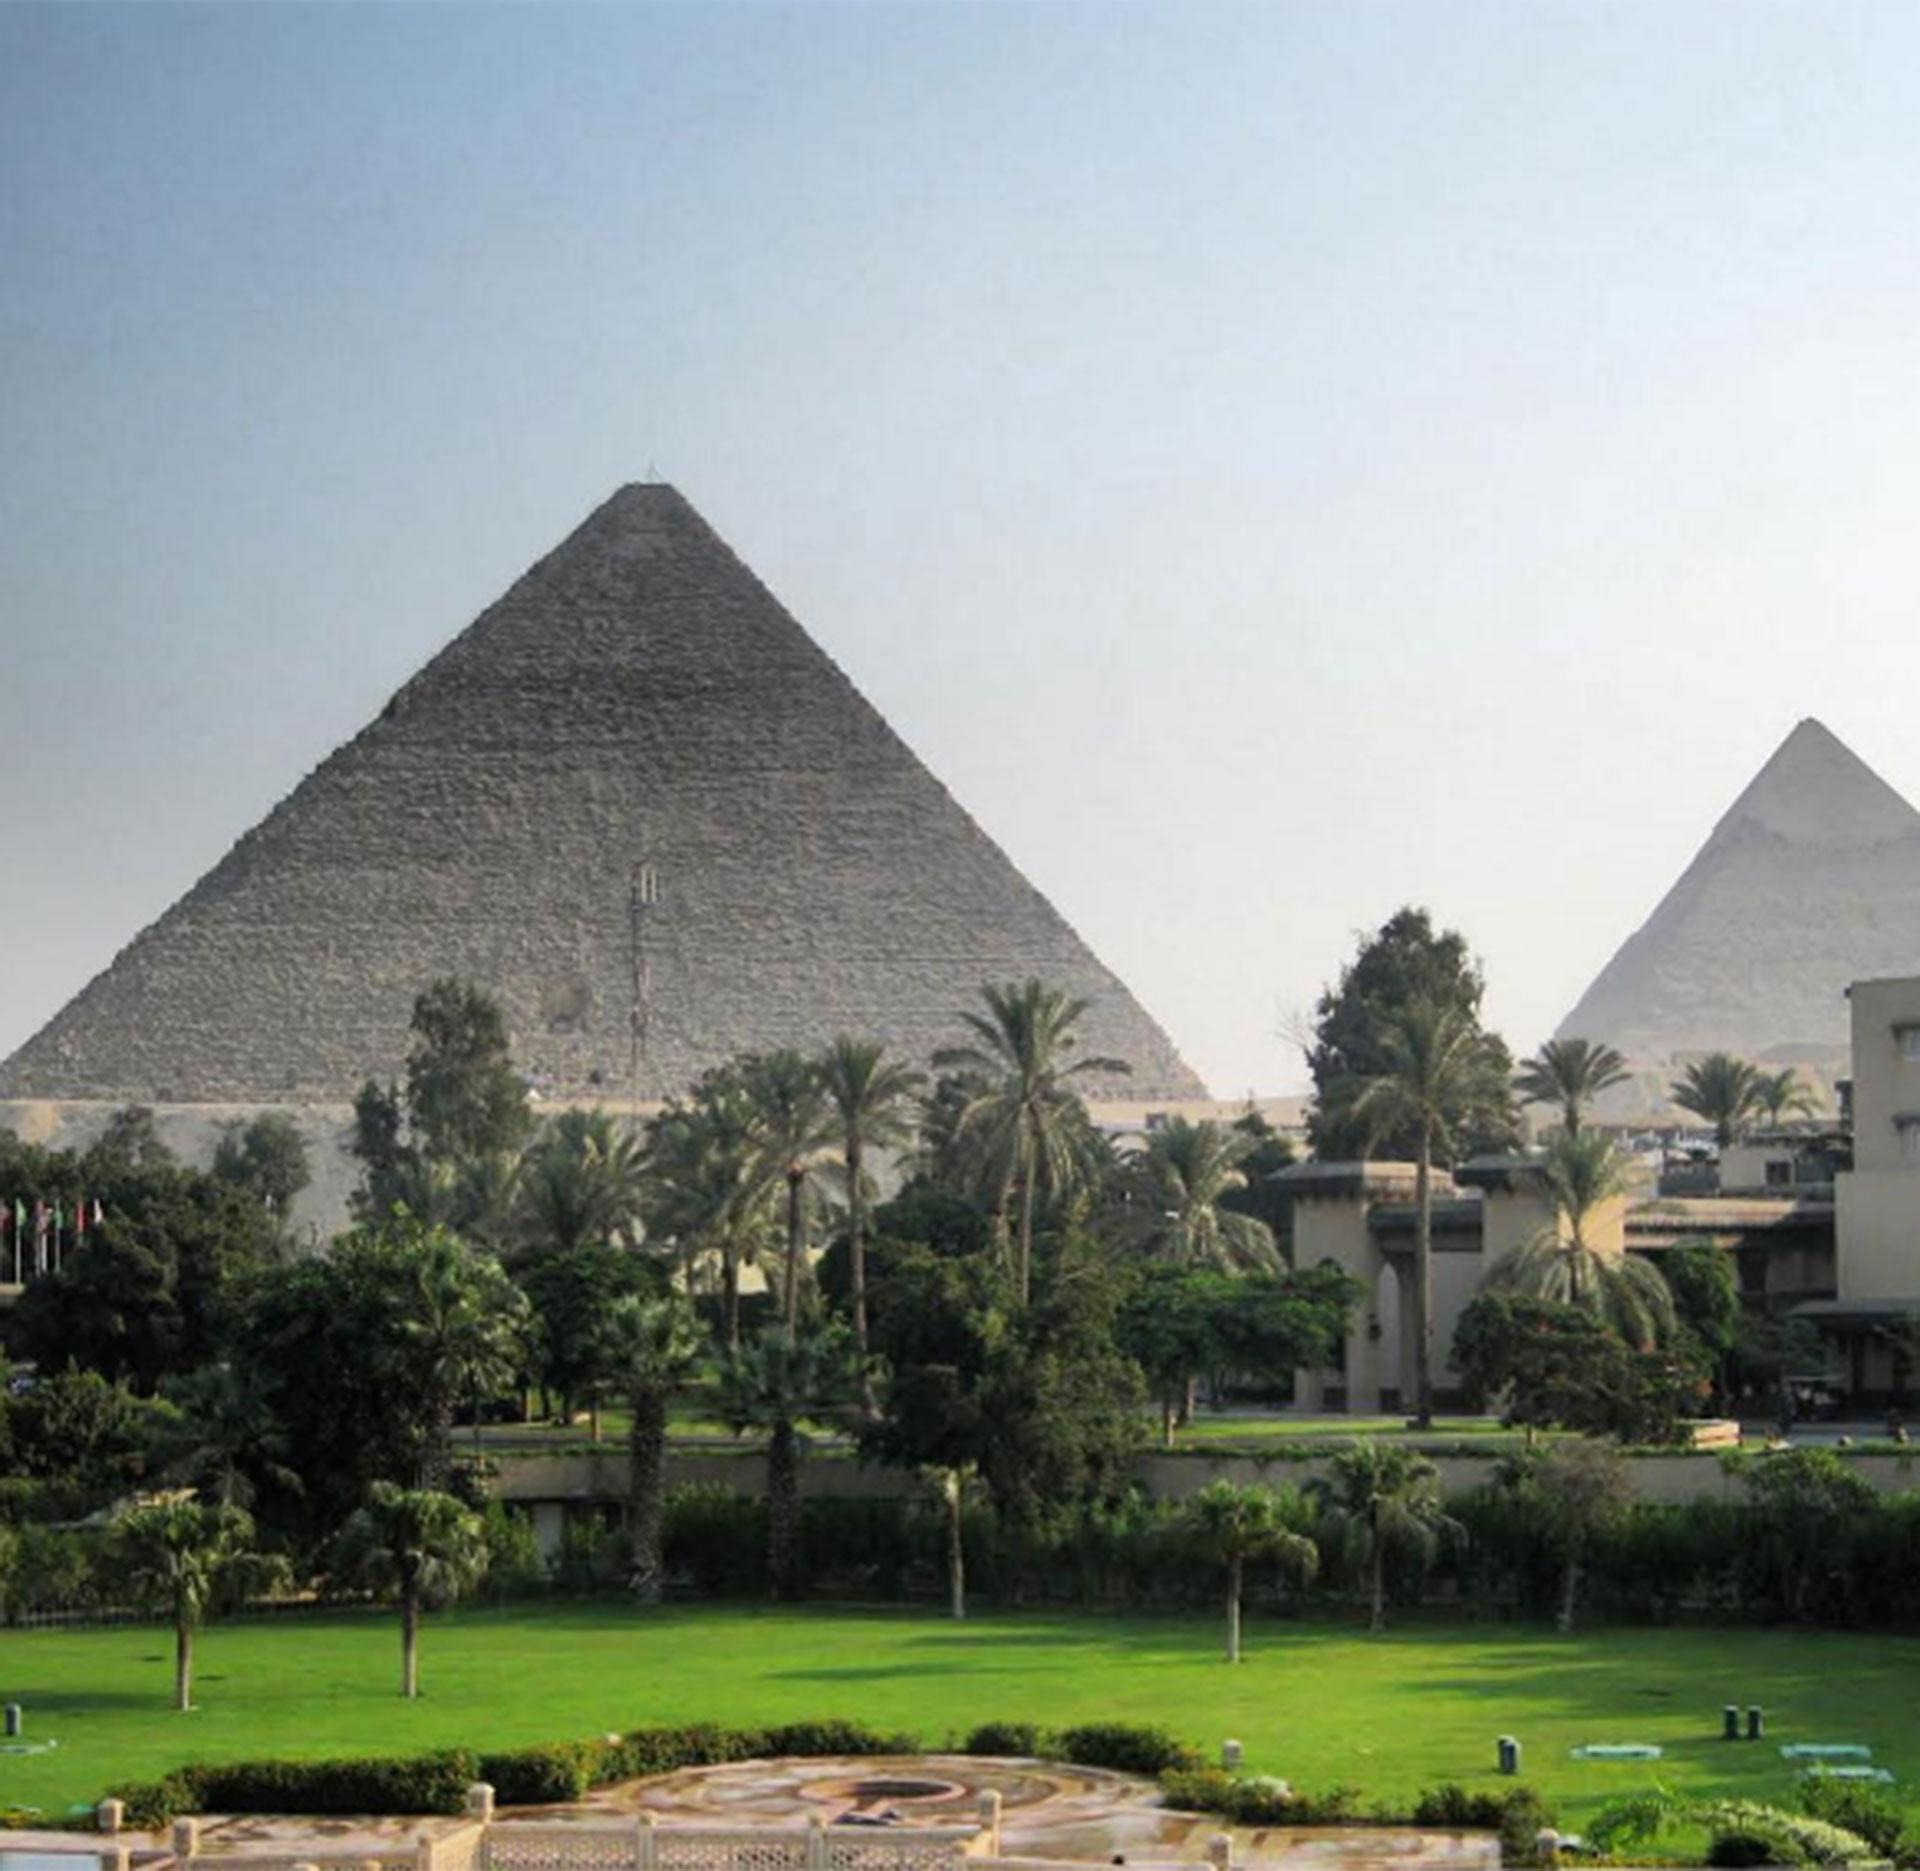 Egipto, el primer destino de Jeppesen. Fue en 2006 y tenía 17 años. No sospechaba que 10 años después recorrería cada país y territorio del planeta